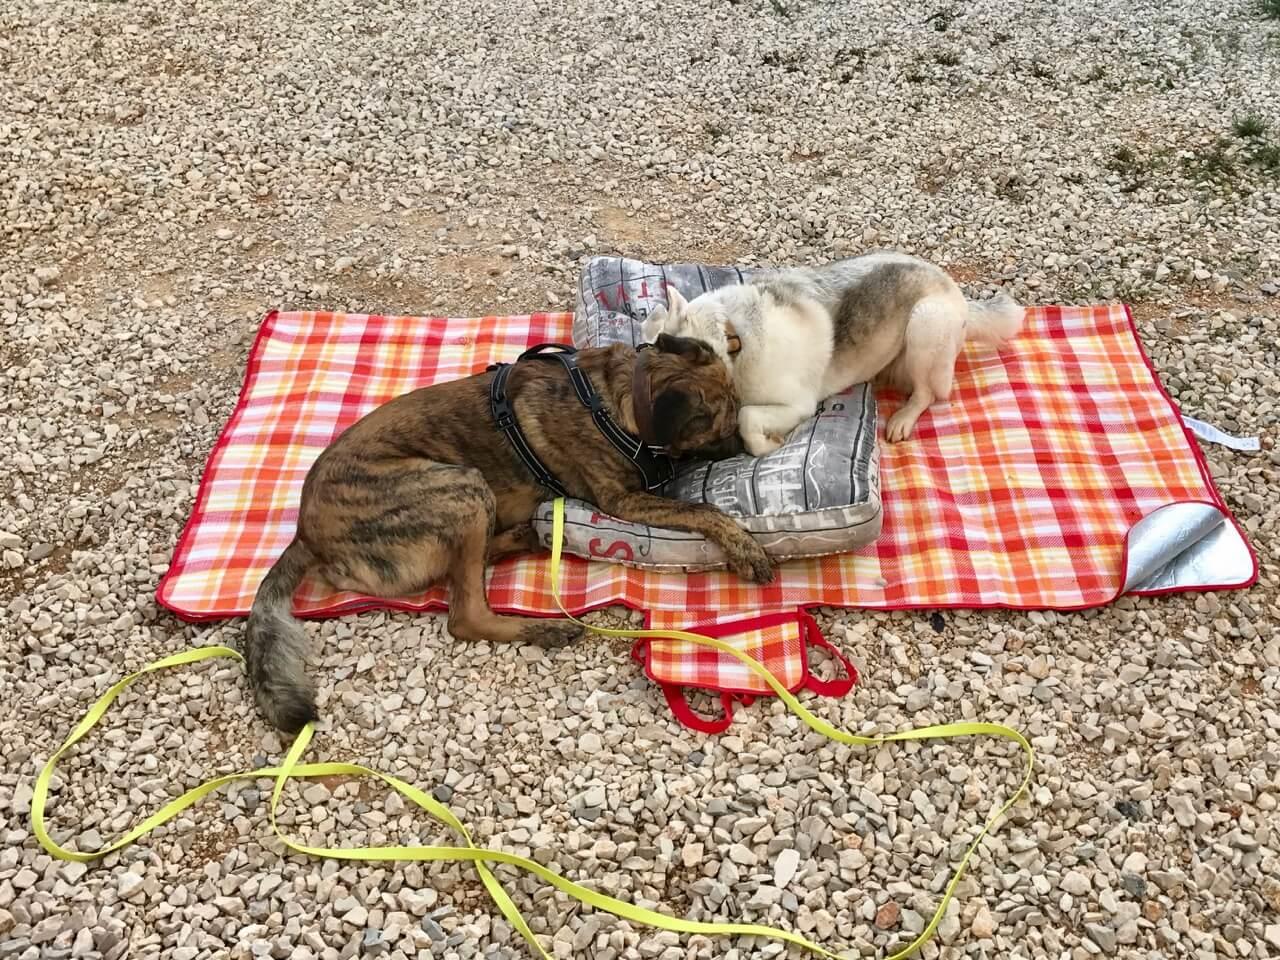 Chief samt Geschirr im Kontakt mit anderen Hunden